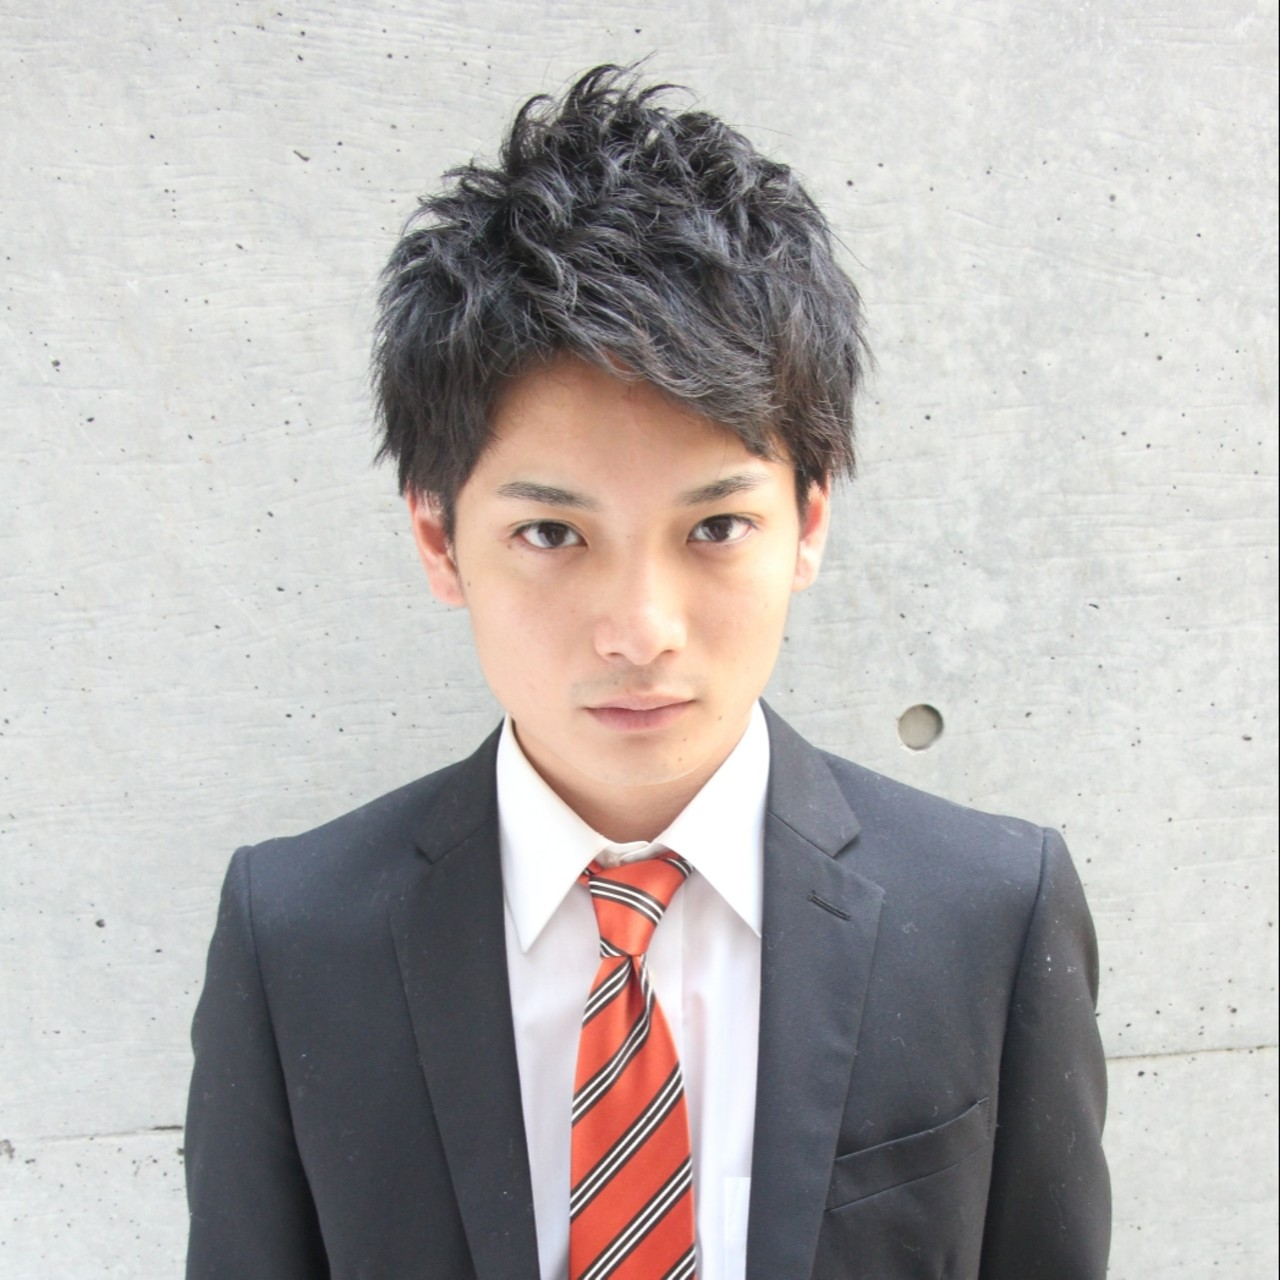 スーツに似合うメンズショートヘア